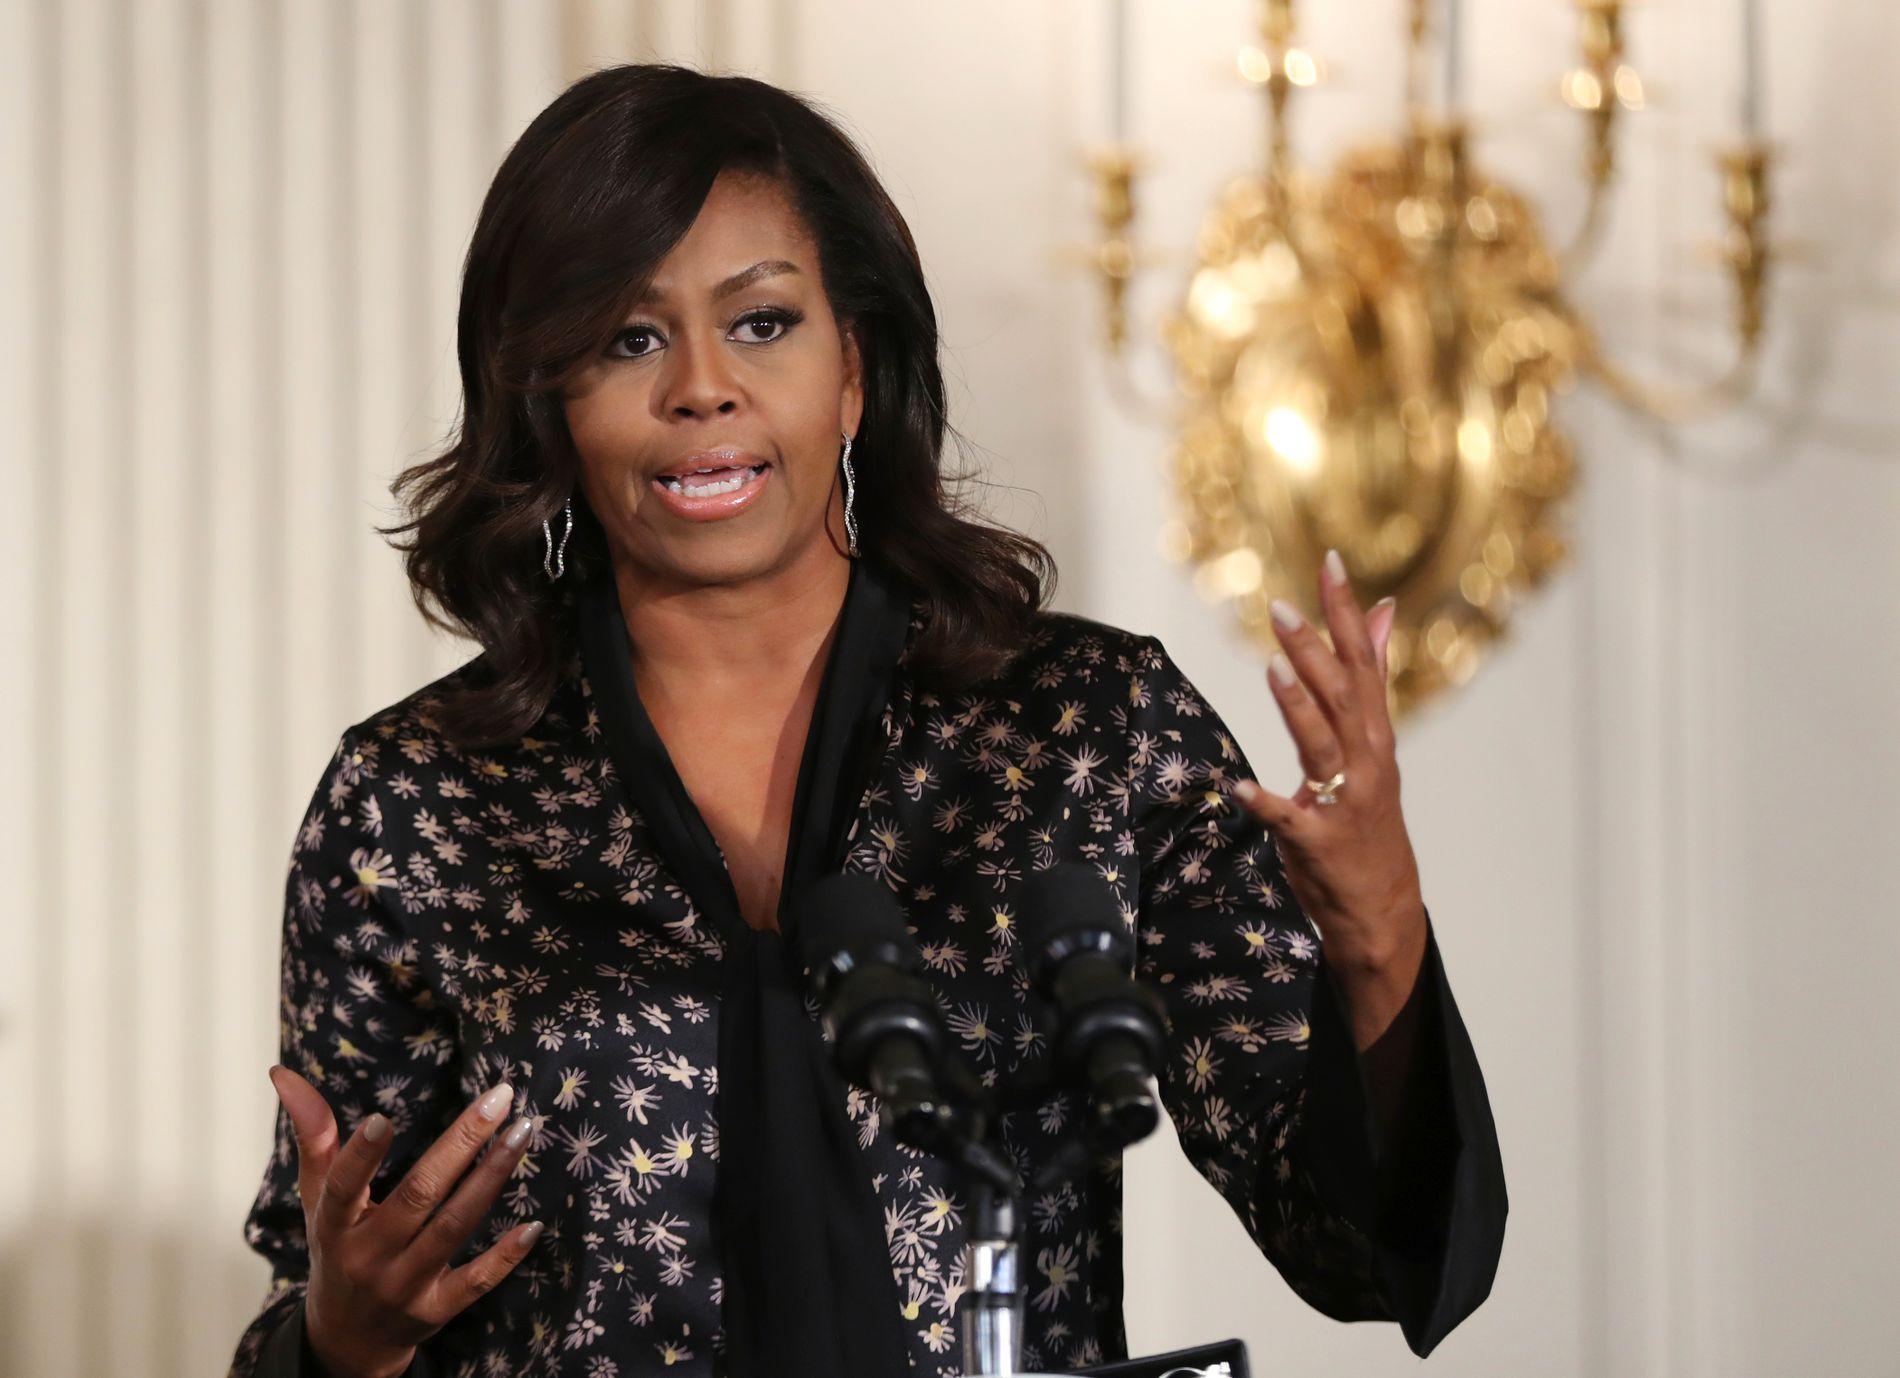 POPULÆR: Michelle Obama var en populær førstedame da ektemannen var presidenten. Her på et bilde fra oktober i fjor.